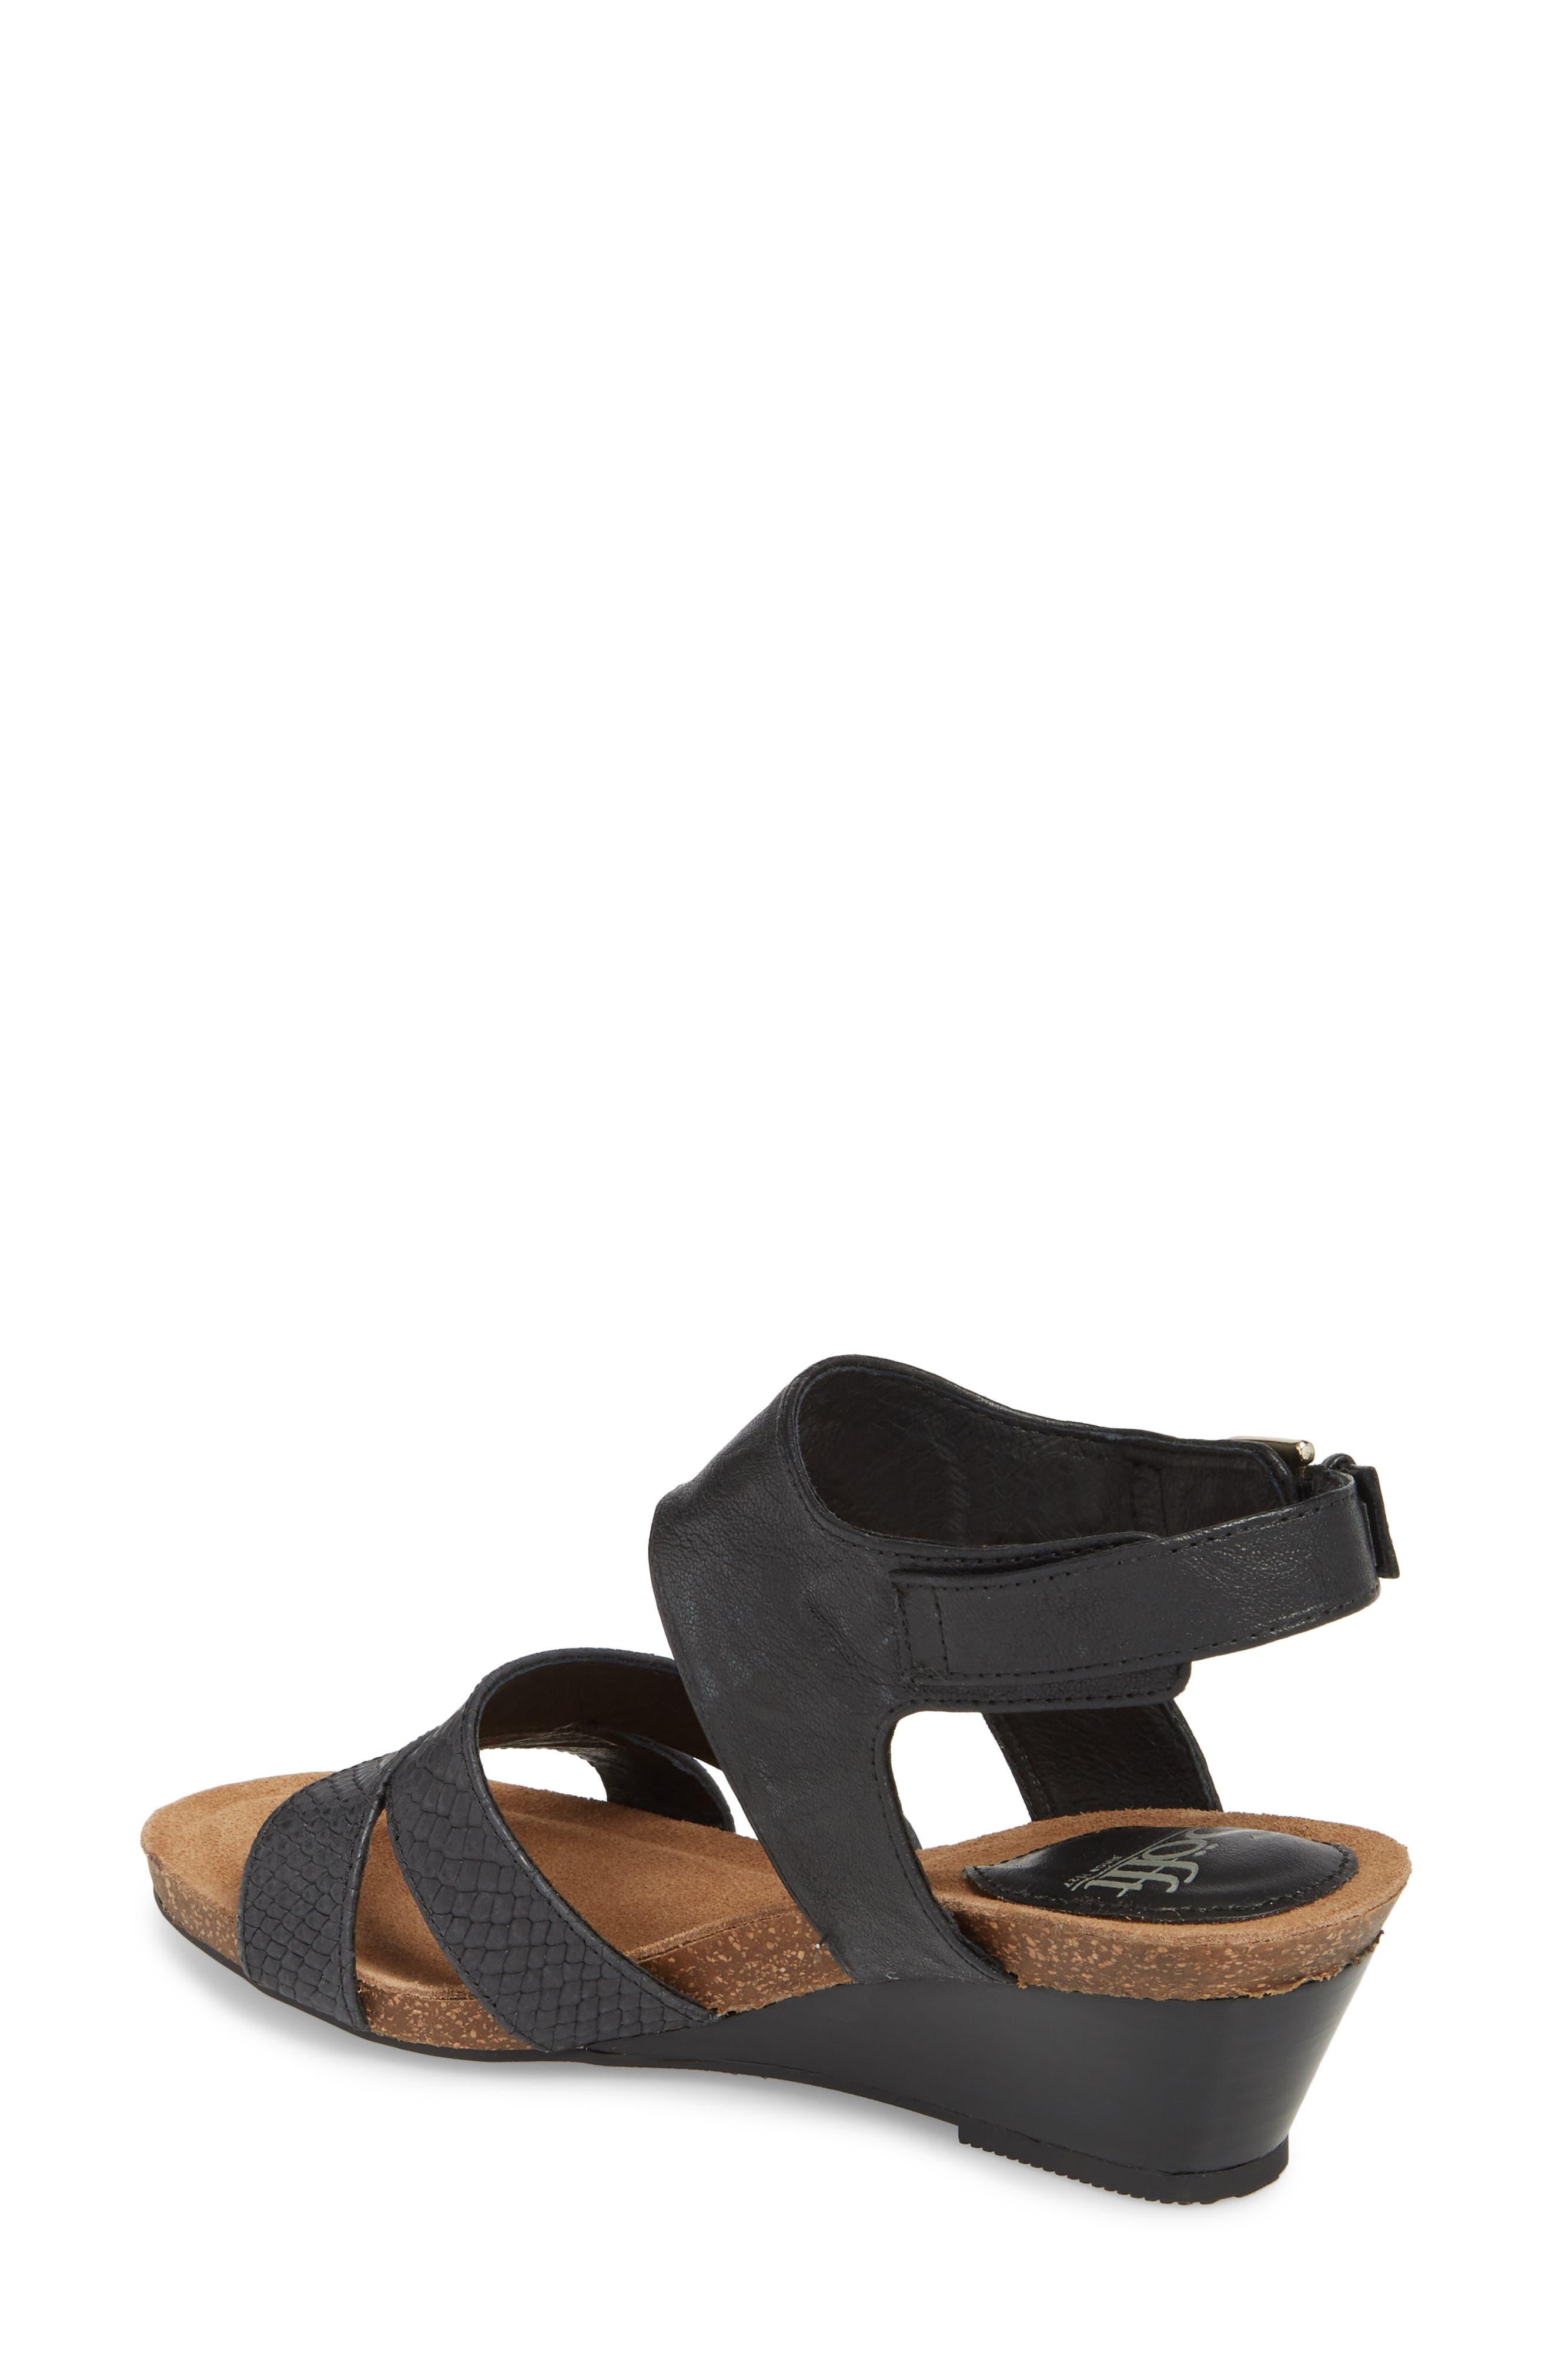 Velden Wedge Sandal,                             Alternate thumbnail 2, color,                             001